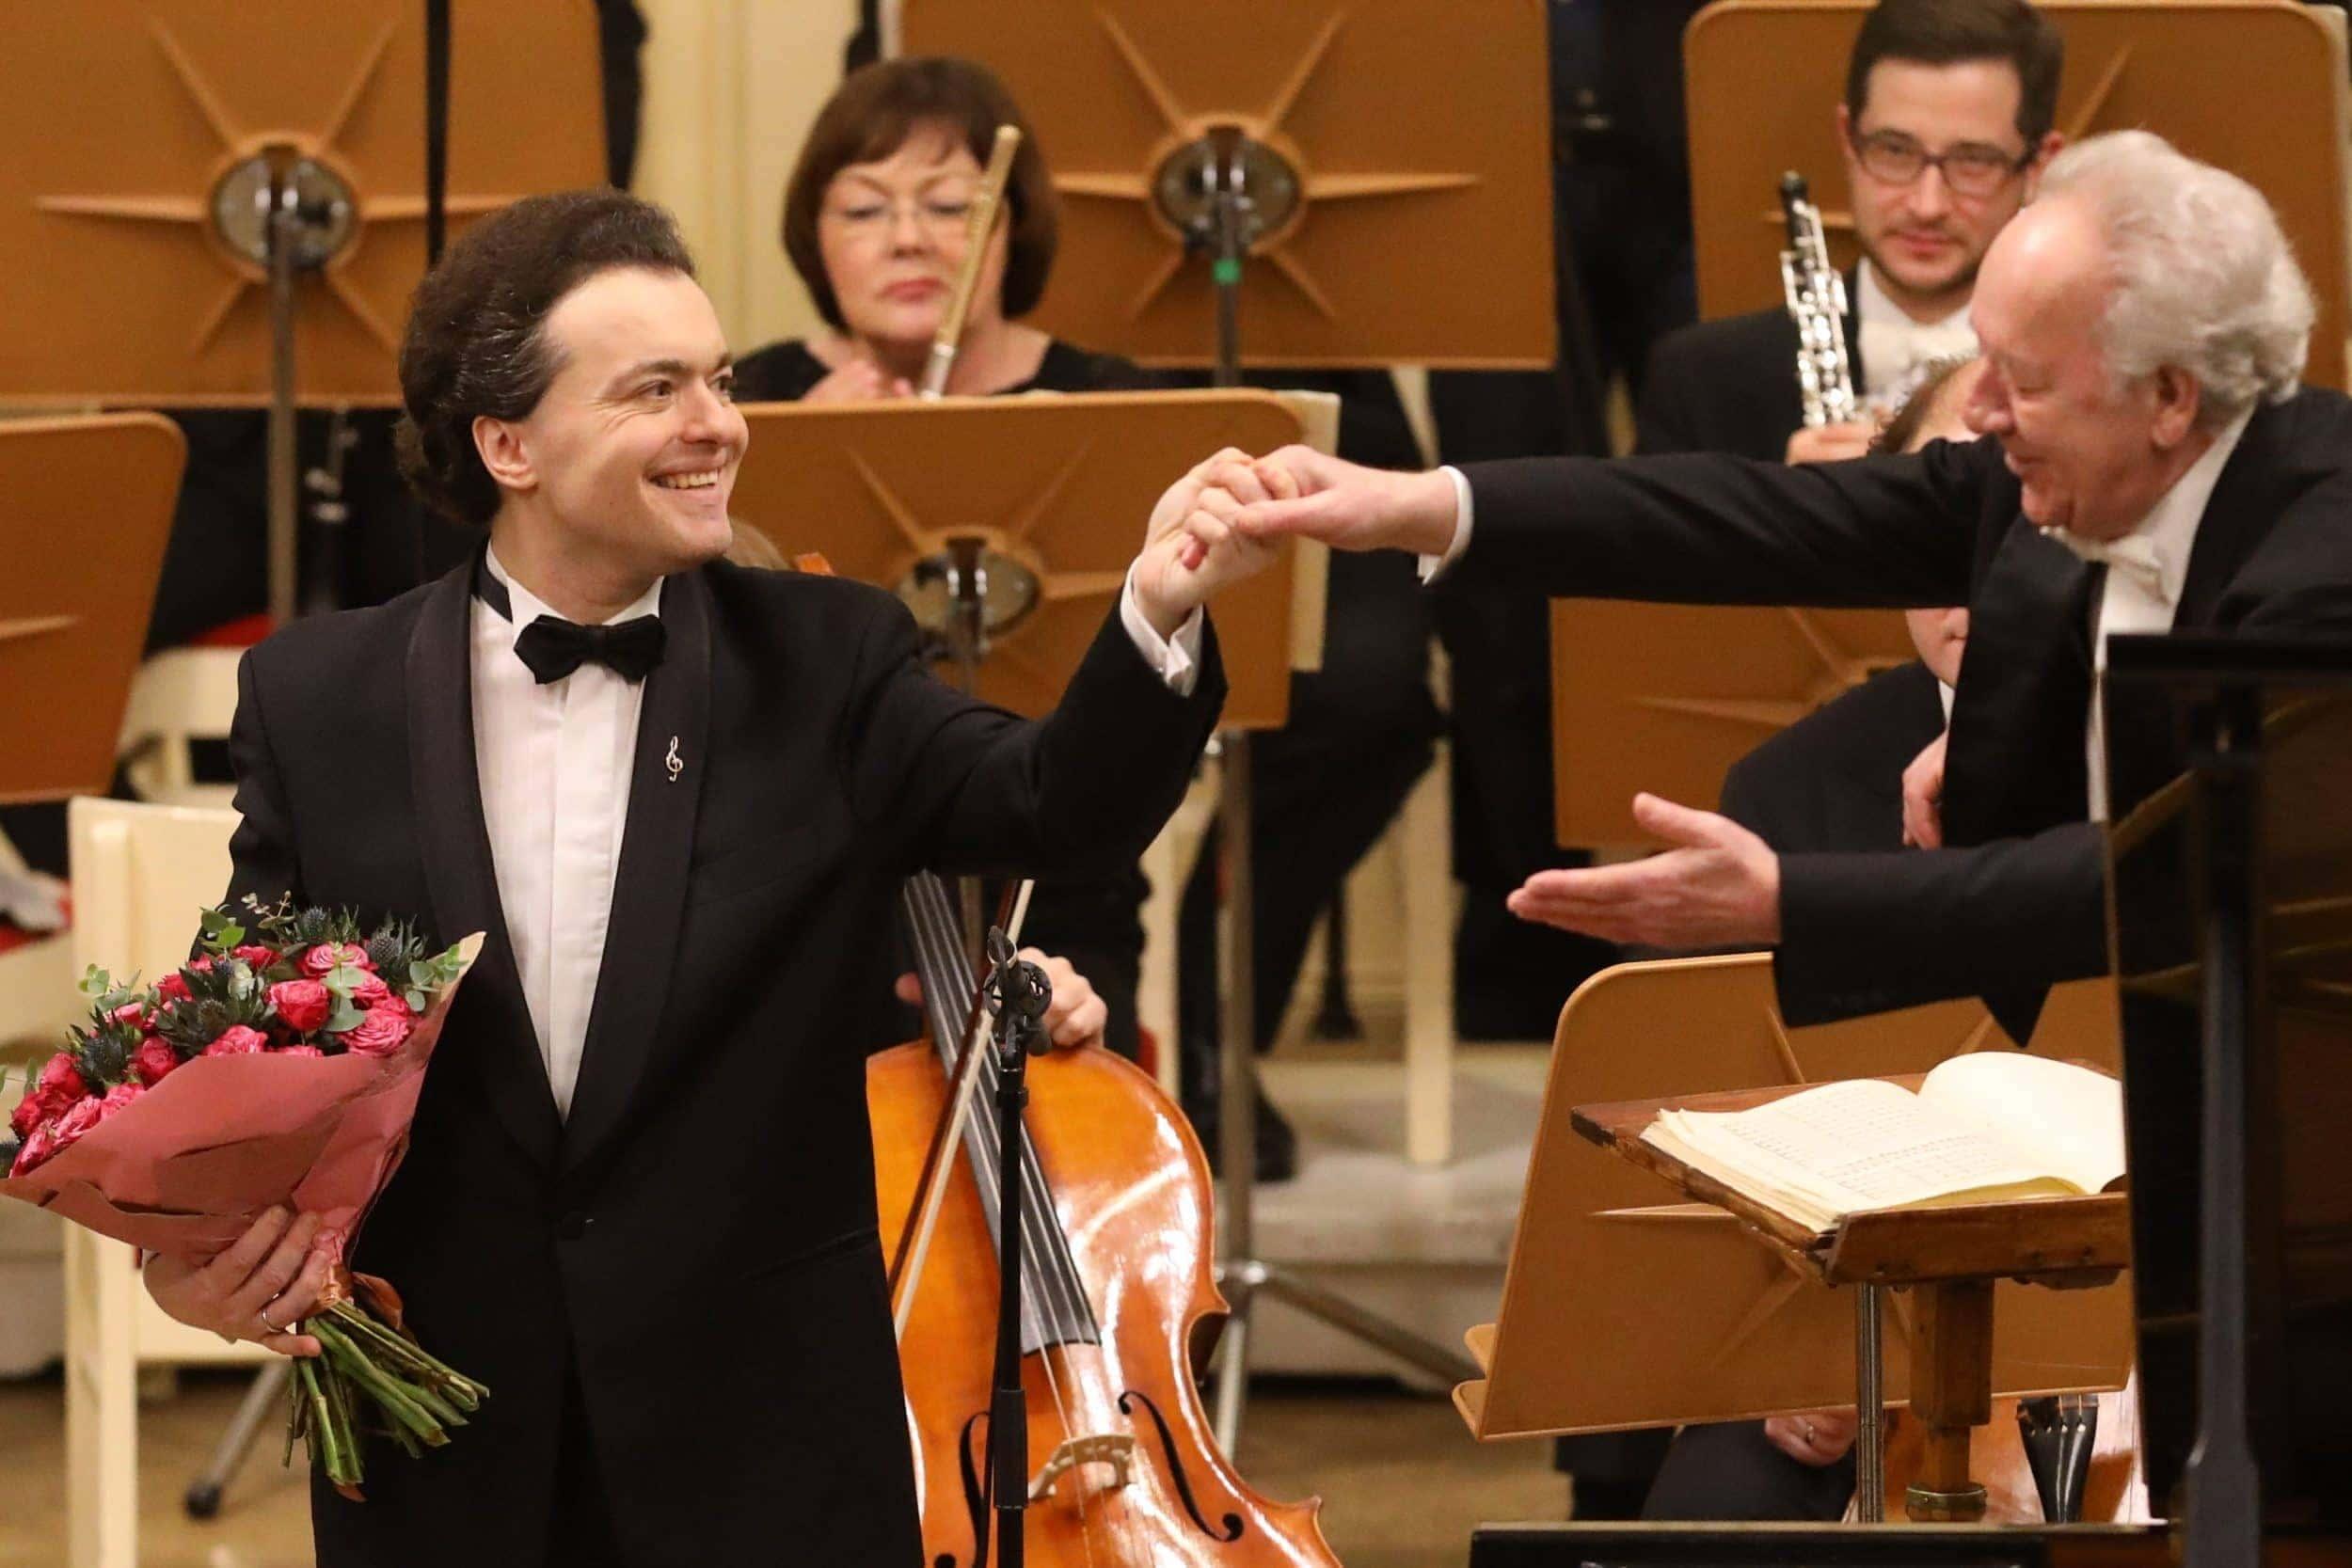 Кисин евгений концерты в москве 2017 купить билеты купить билеты на балет в январе